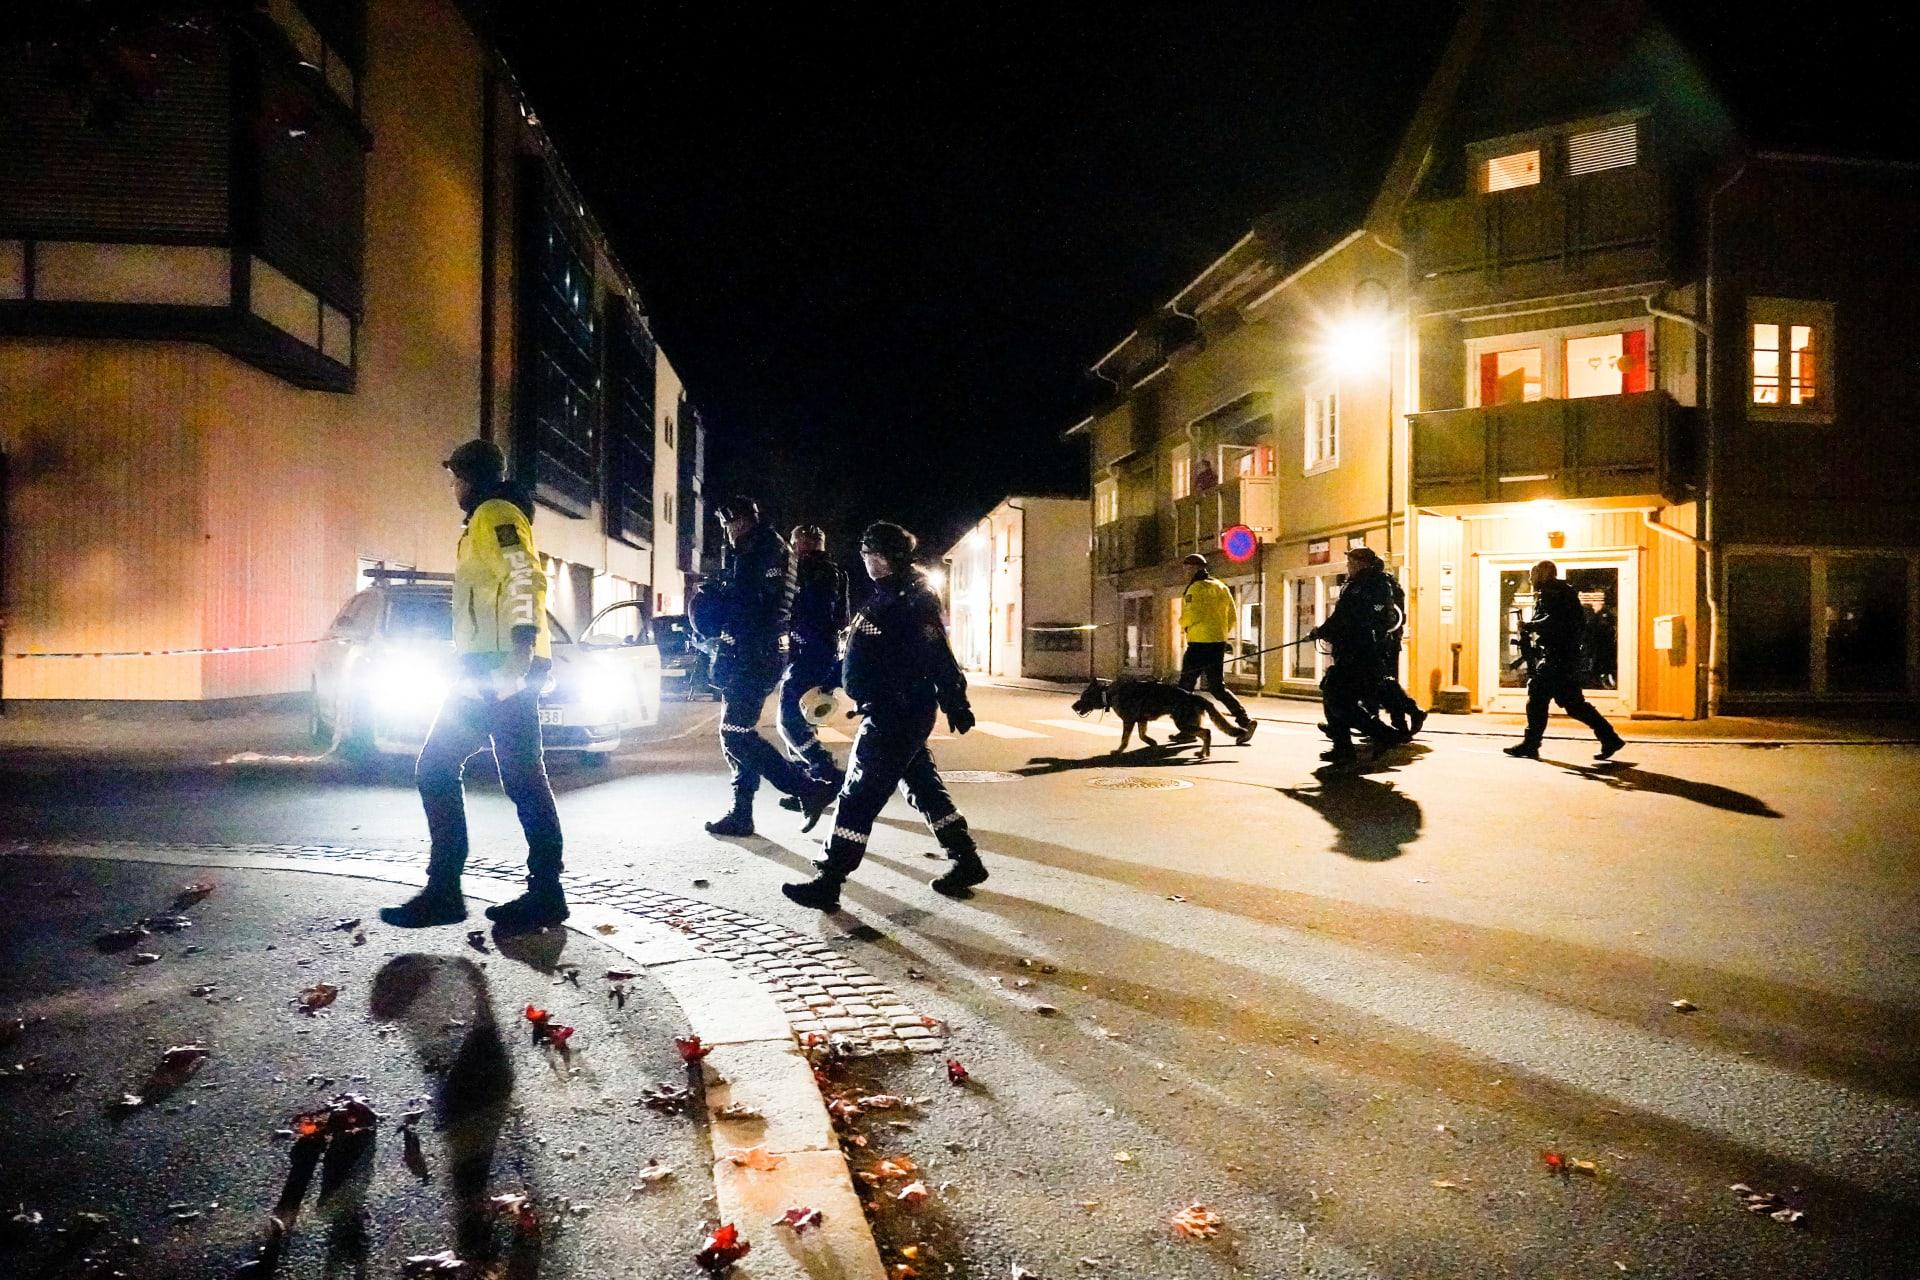 انتشار الشرطة في بلدة كونغسبيرغ النرويجية